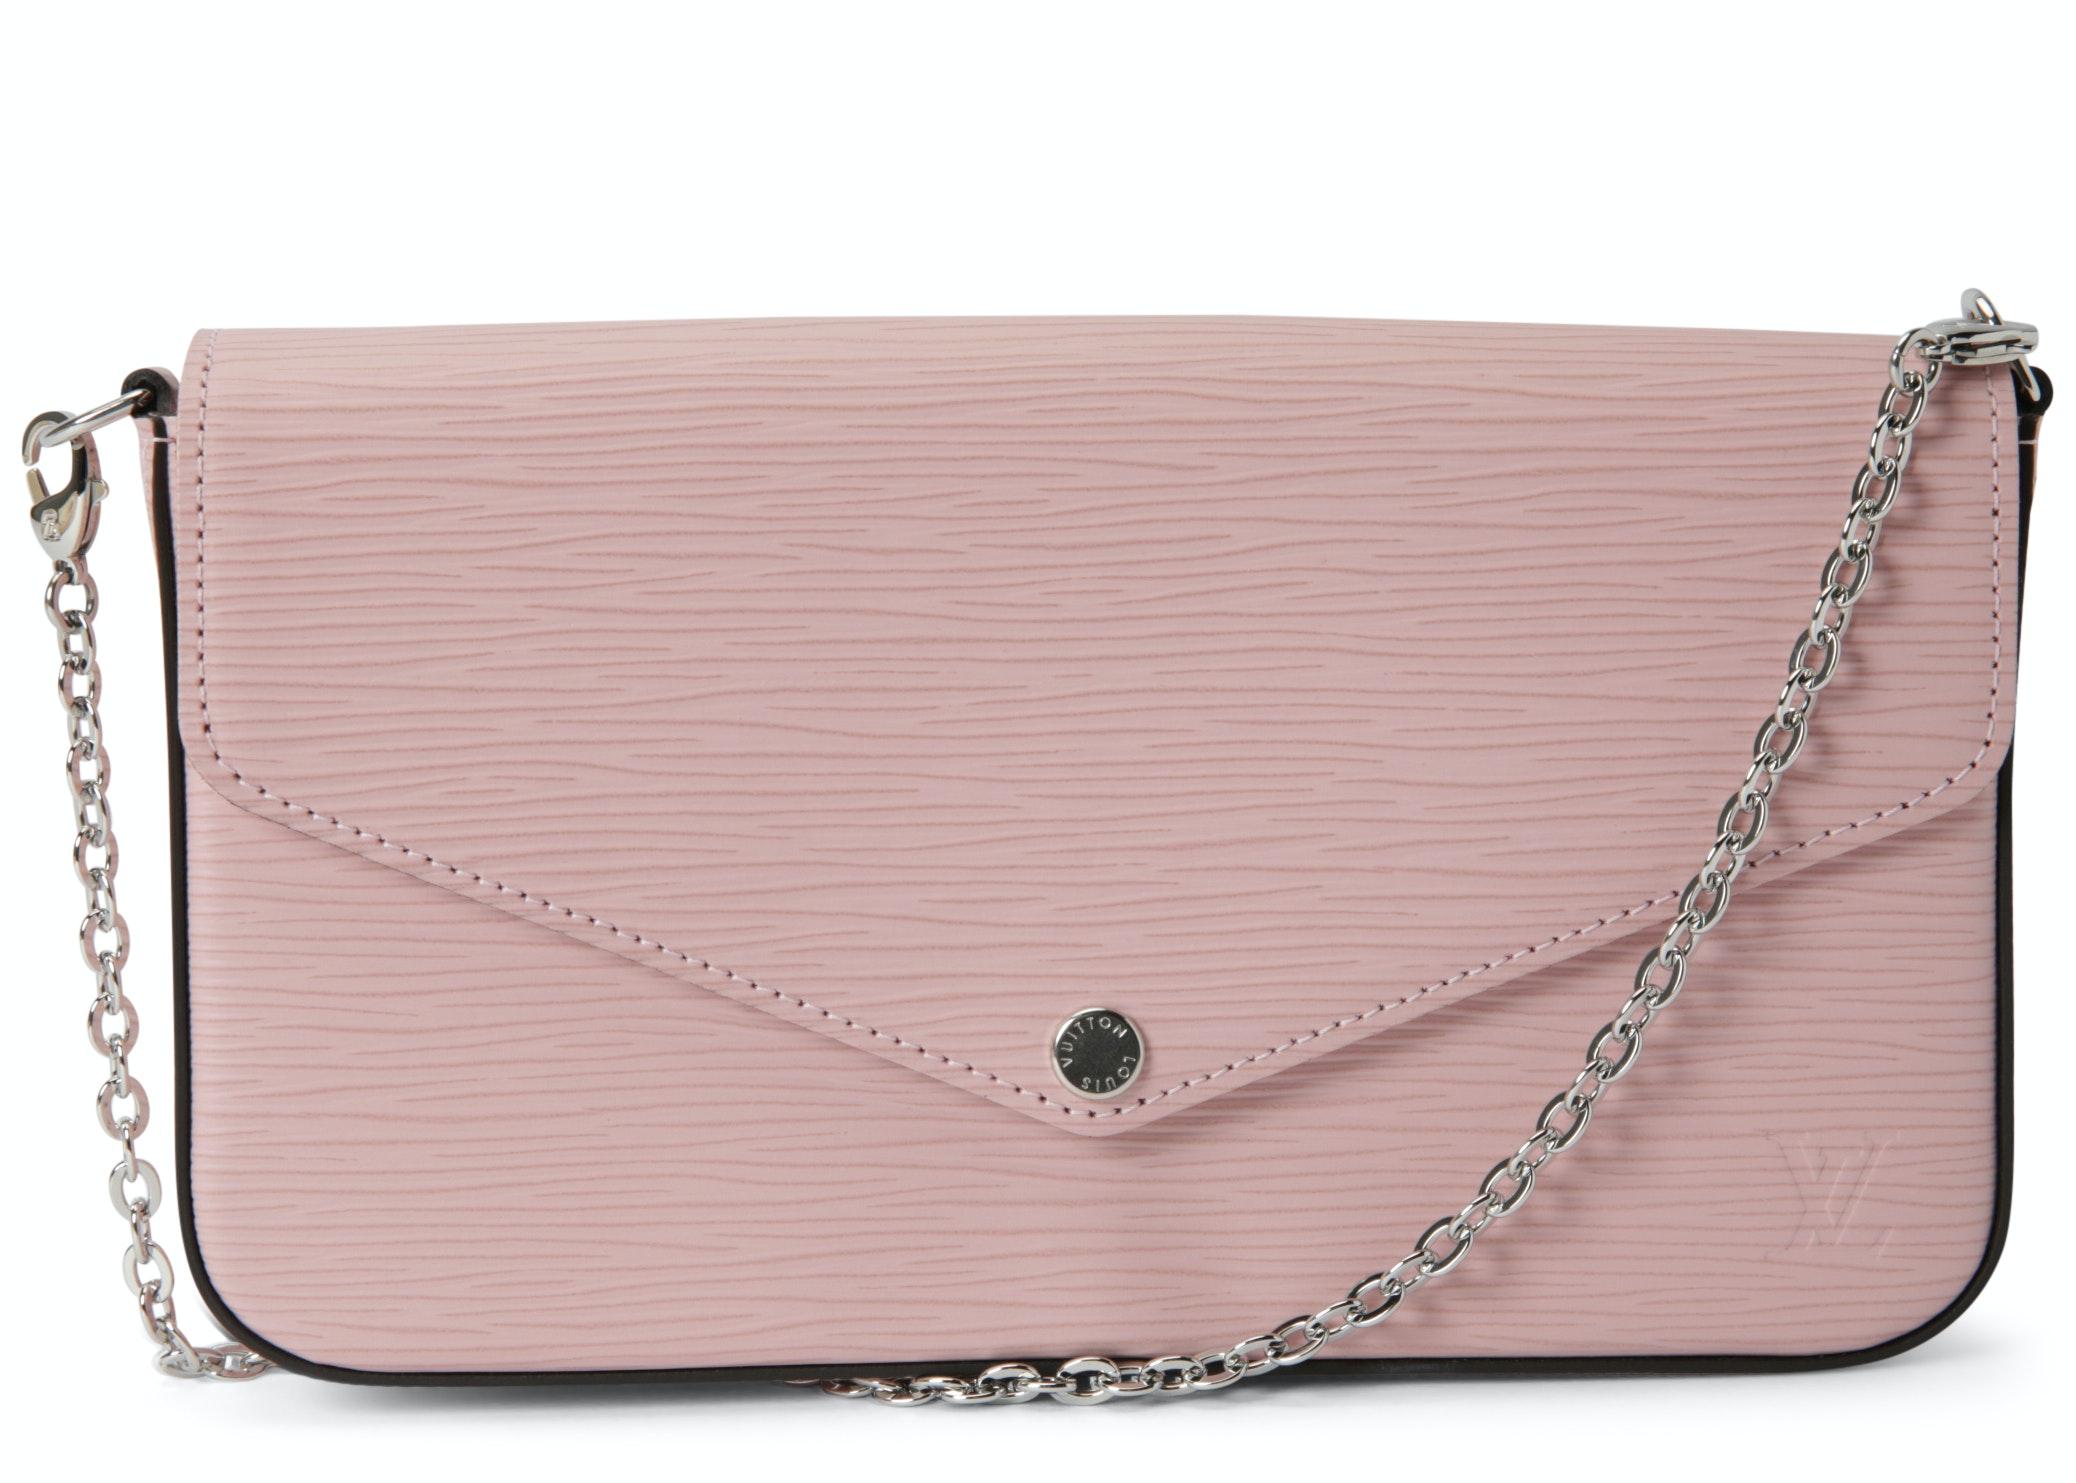 Louis Vuitton Pochette Felicie Epi Rose Ballerine